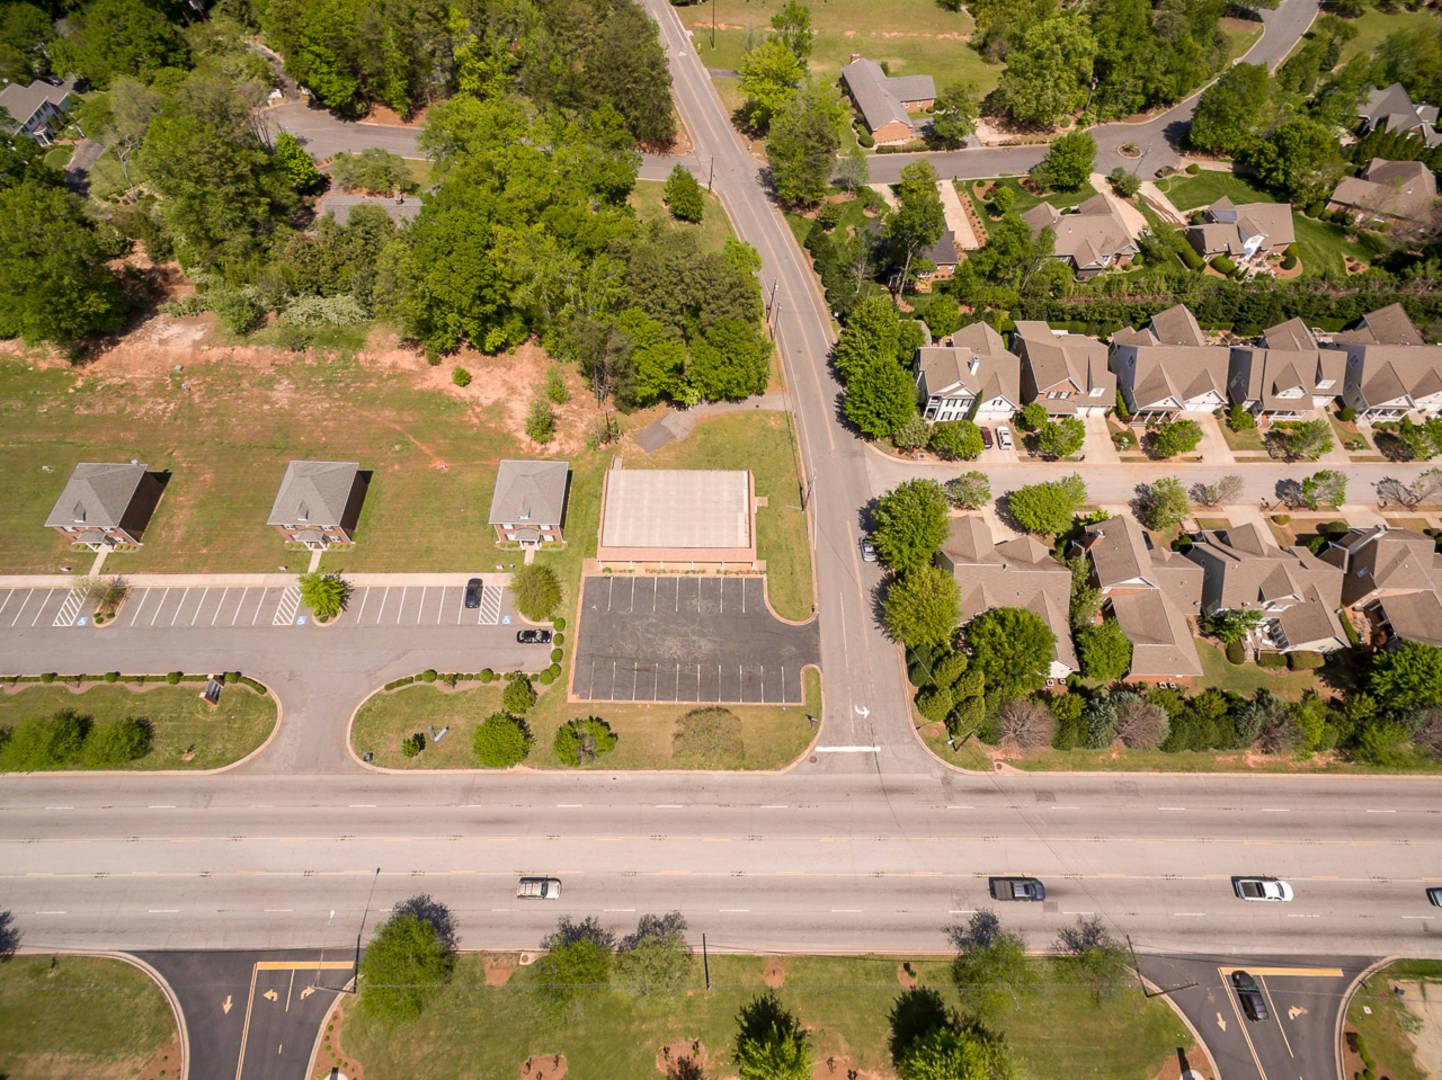 2001 S. Pine Street Spartanburg, SC 29302